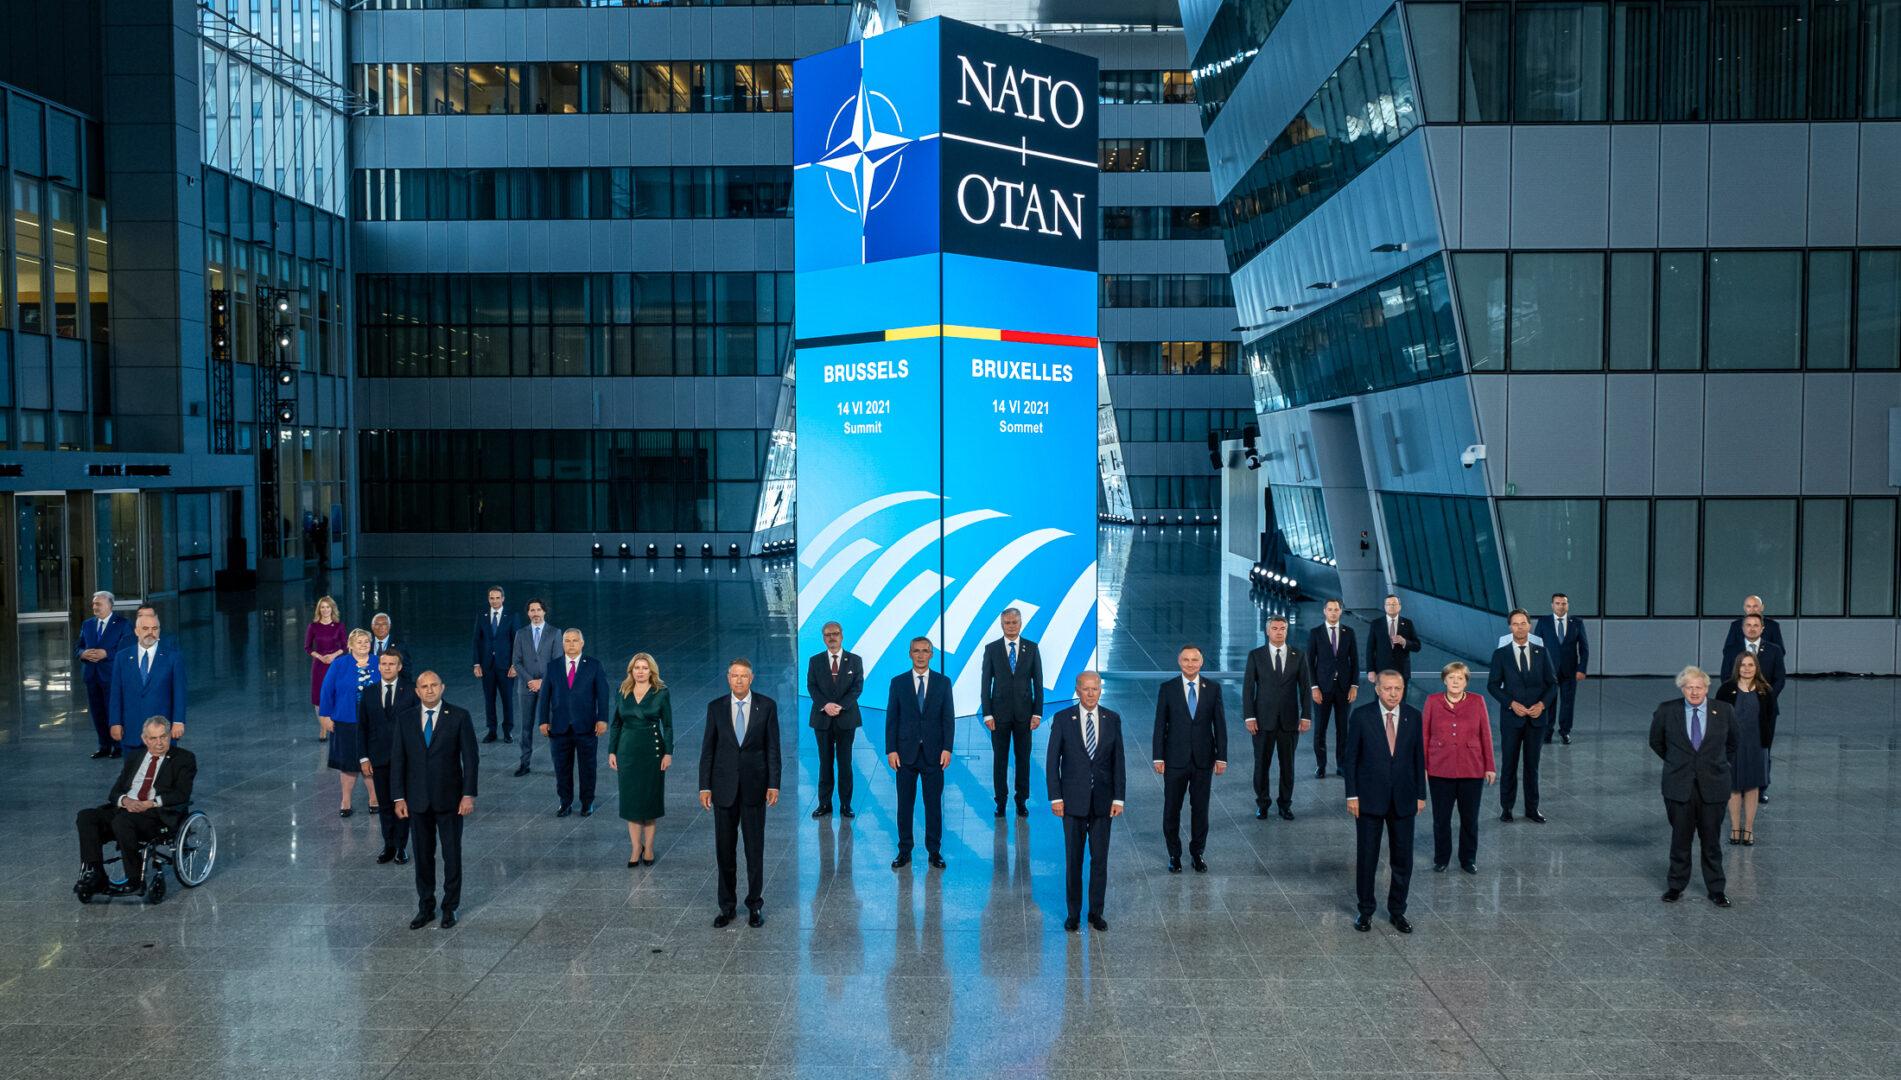 Poza oficiala de grup a liderilor statelor membre NATO